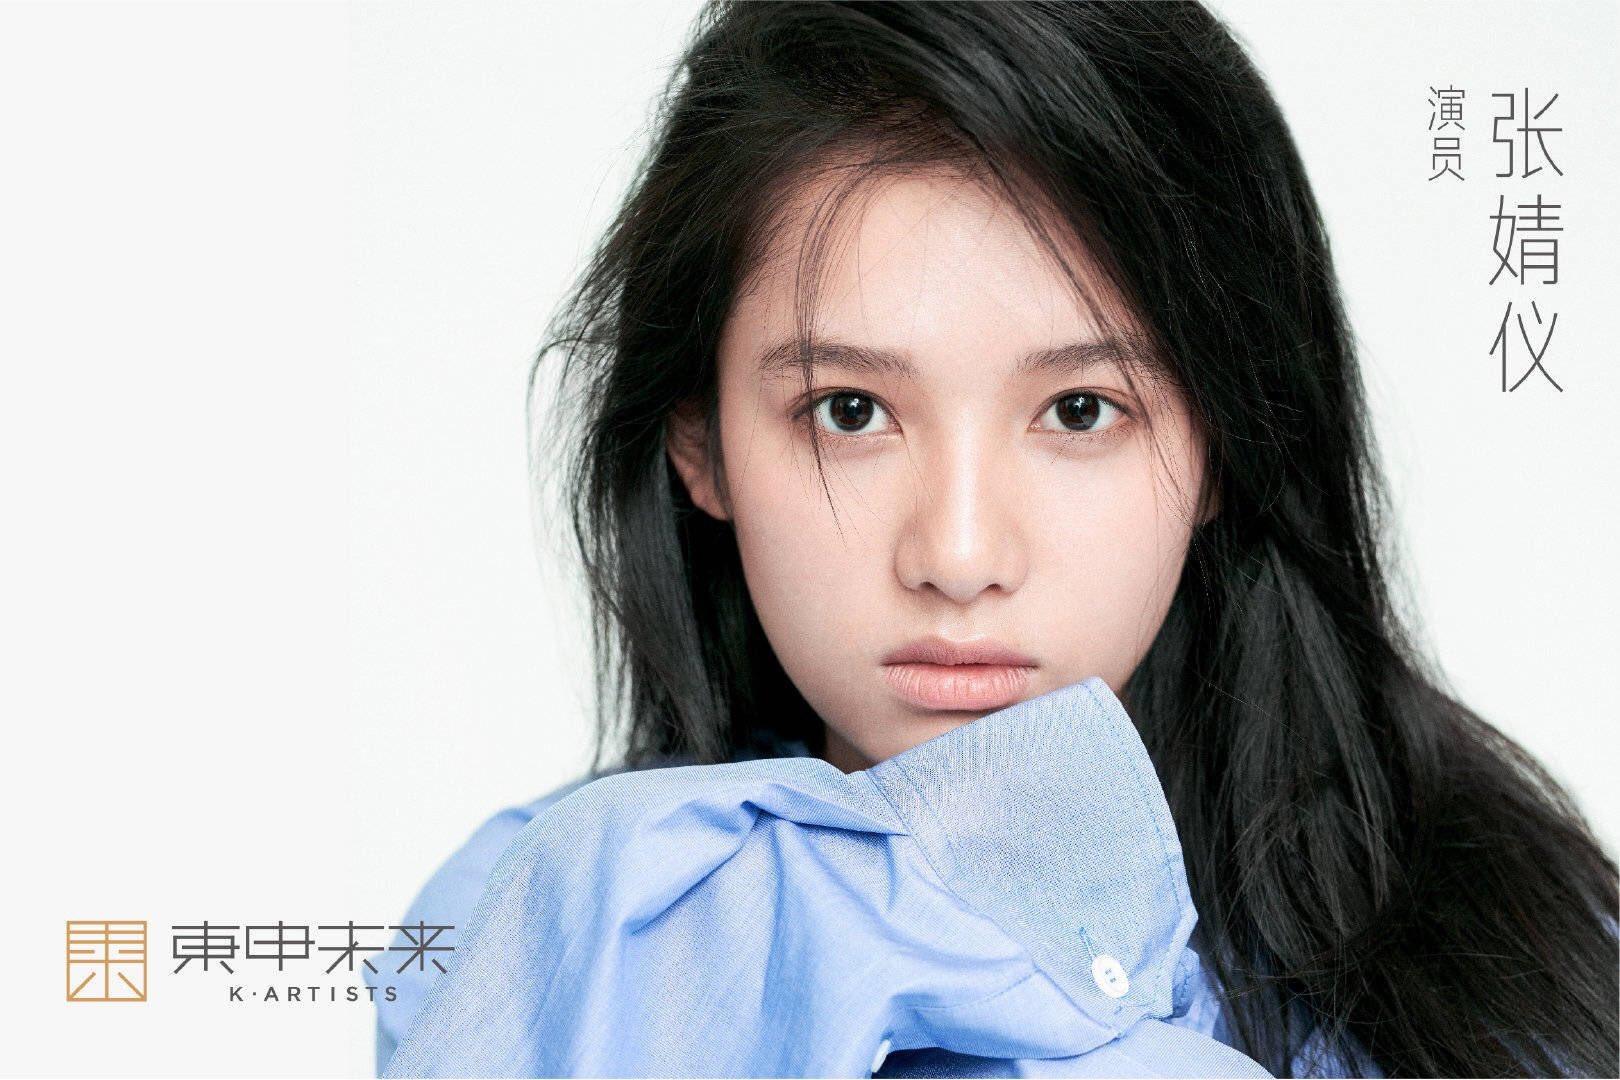 张婧仪_写真_42.jpeg